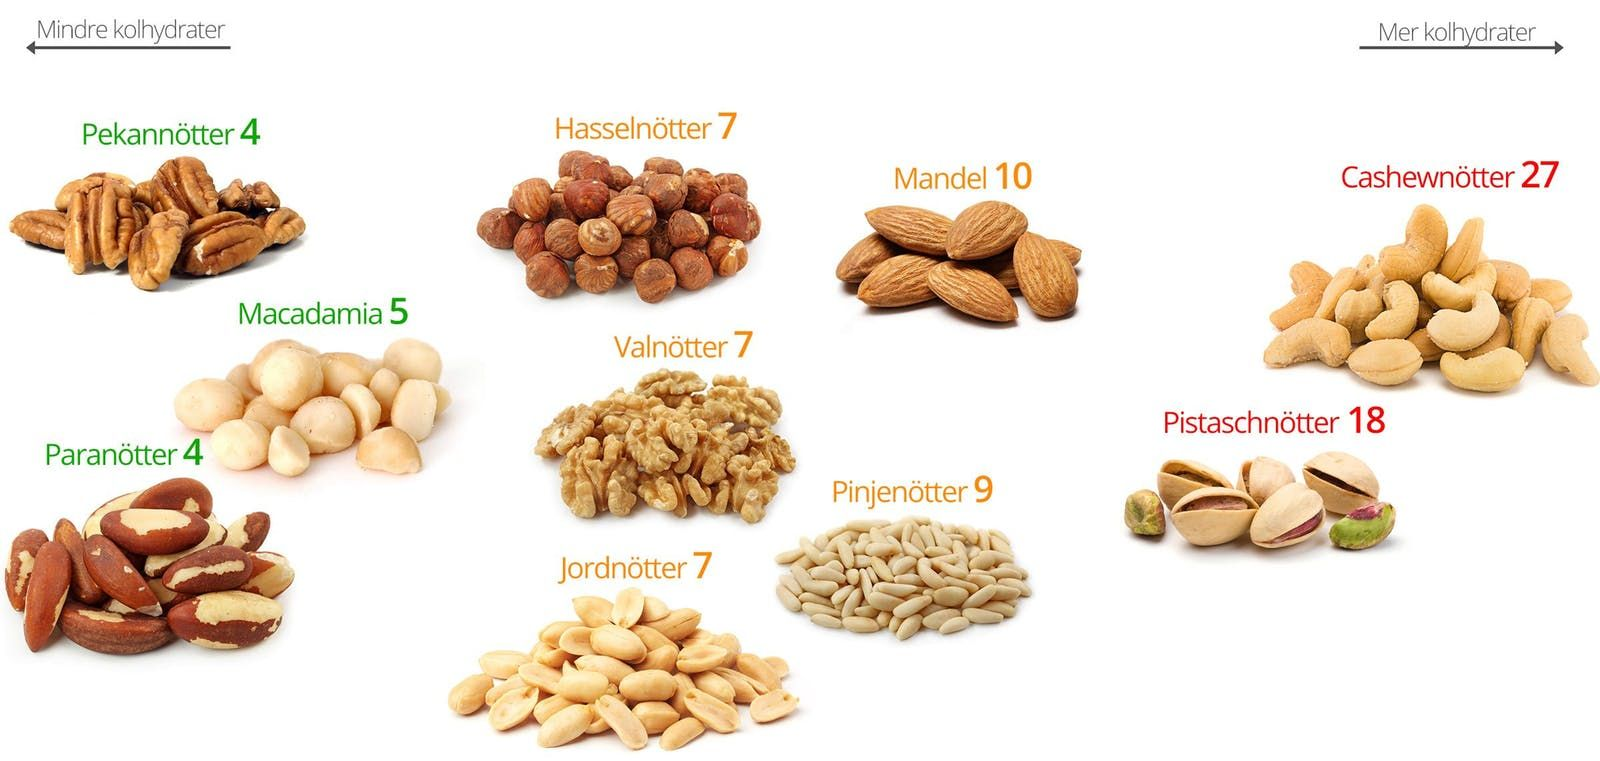 bilder på nötter